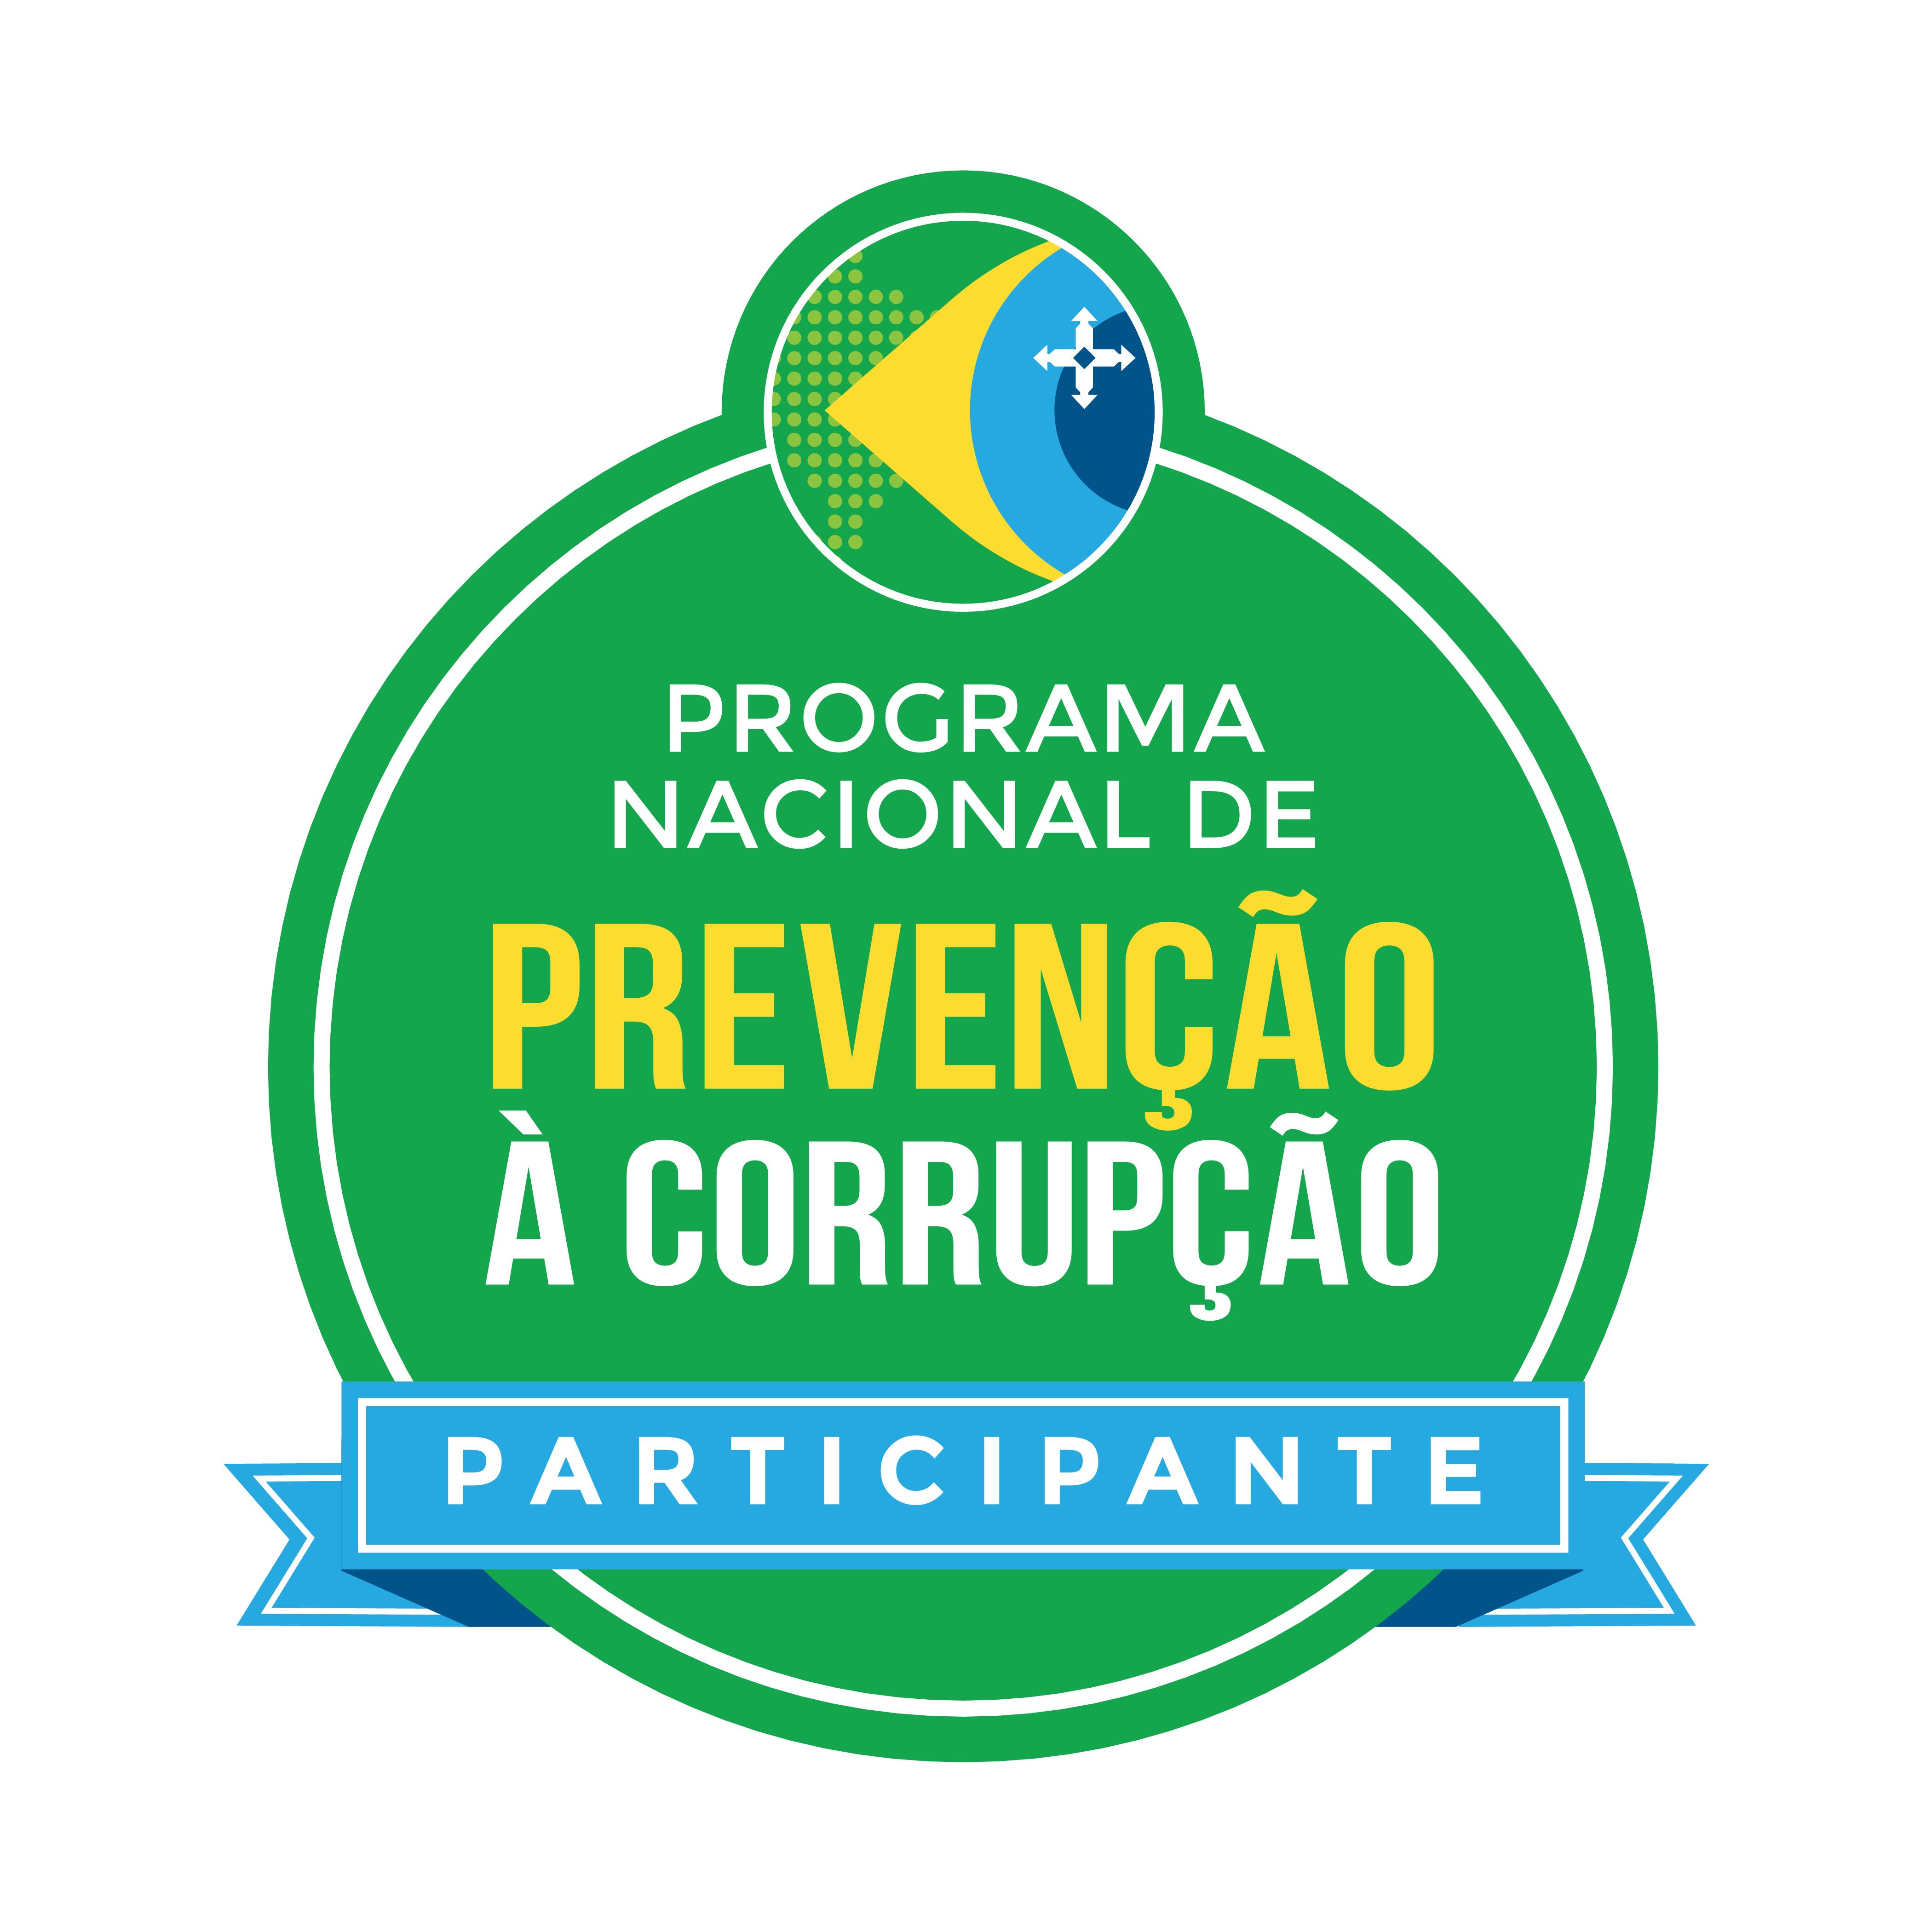 Marca de Participante do PNPC